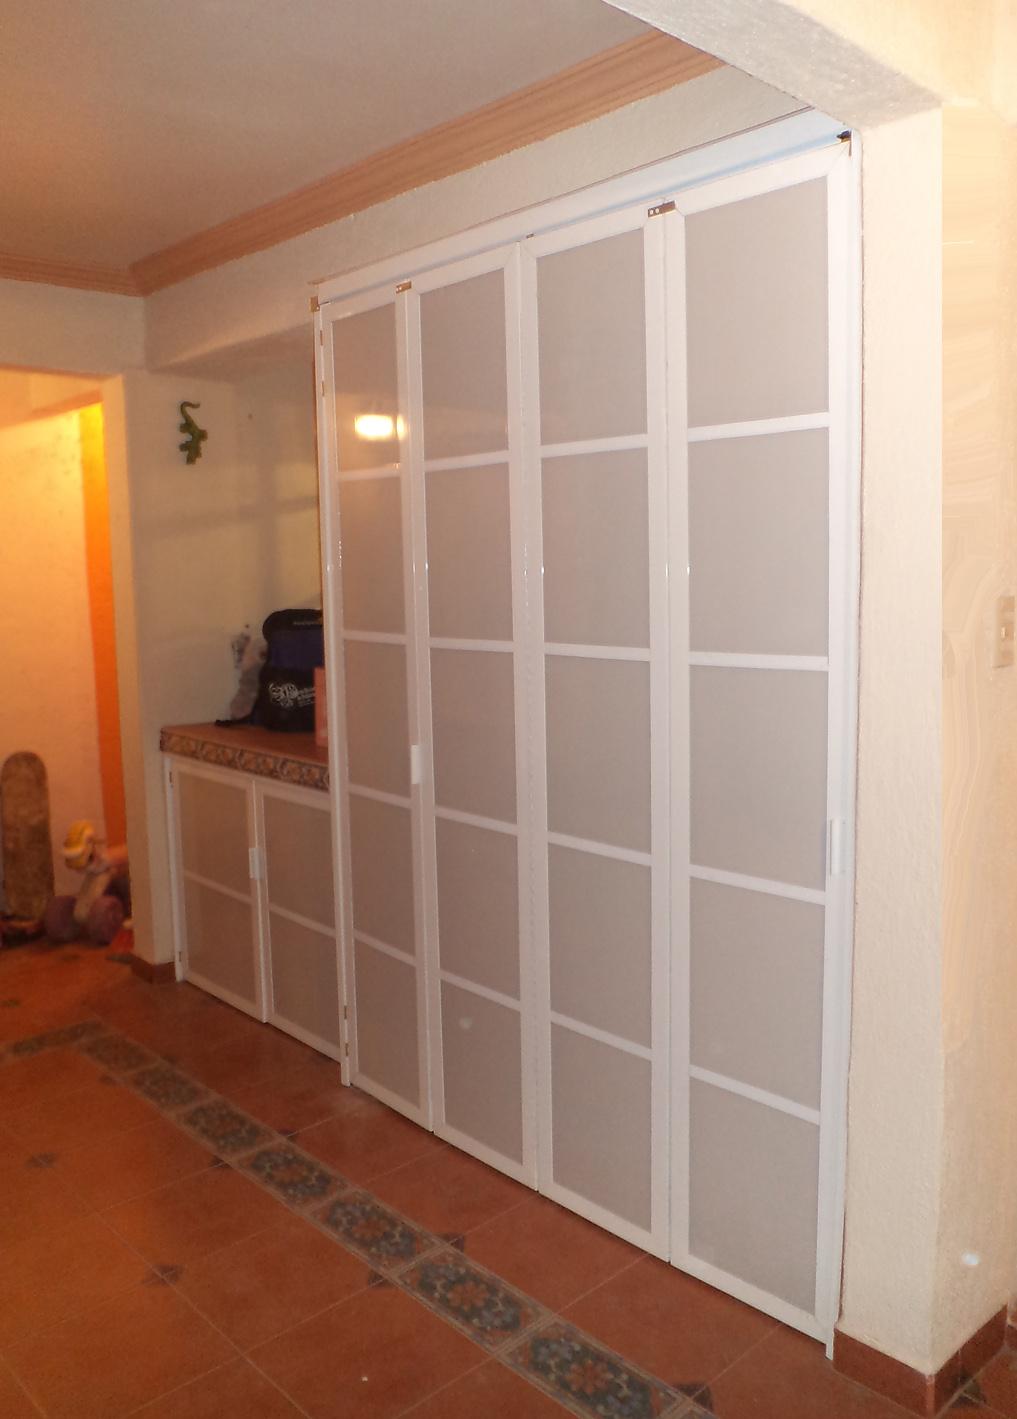 Puertas corredizas de aluminio y policarbonato para cuarto for Puertas de aluminio para cuartos